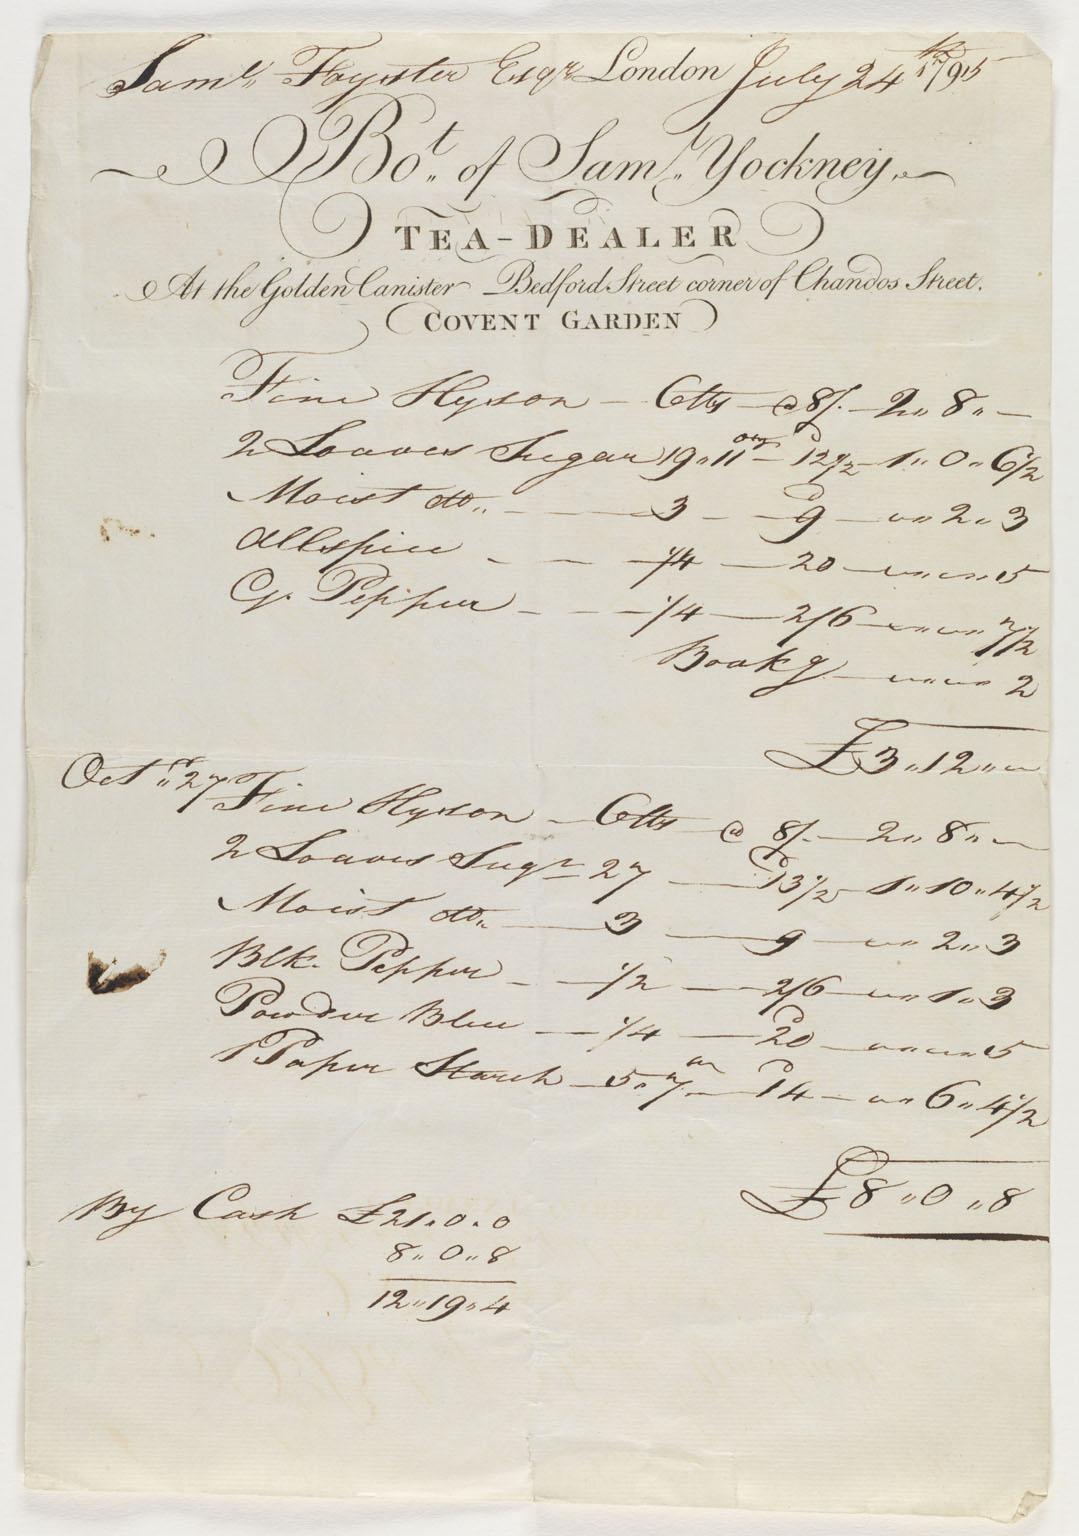 Receipt for goods sold by Samuel Yocknery, tea-dealer